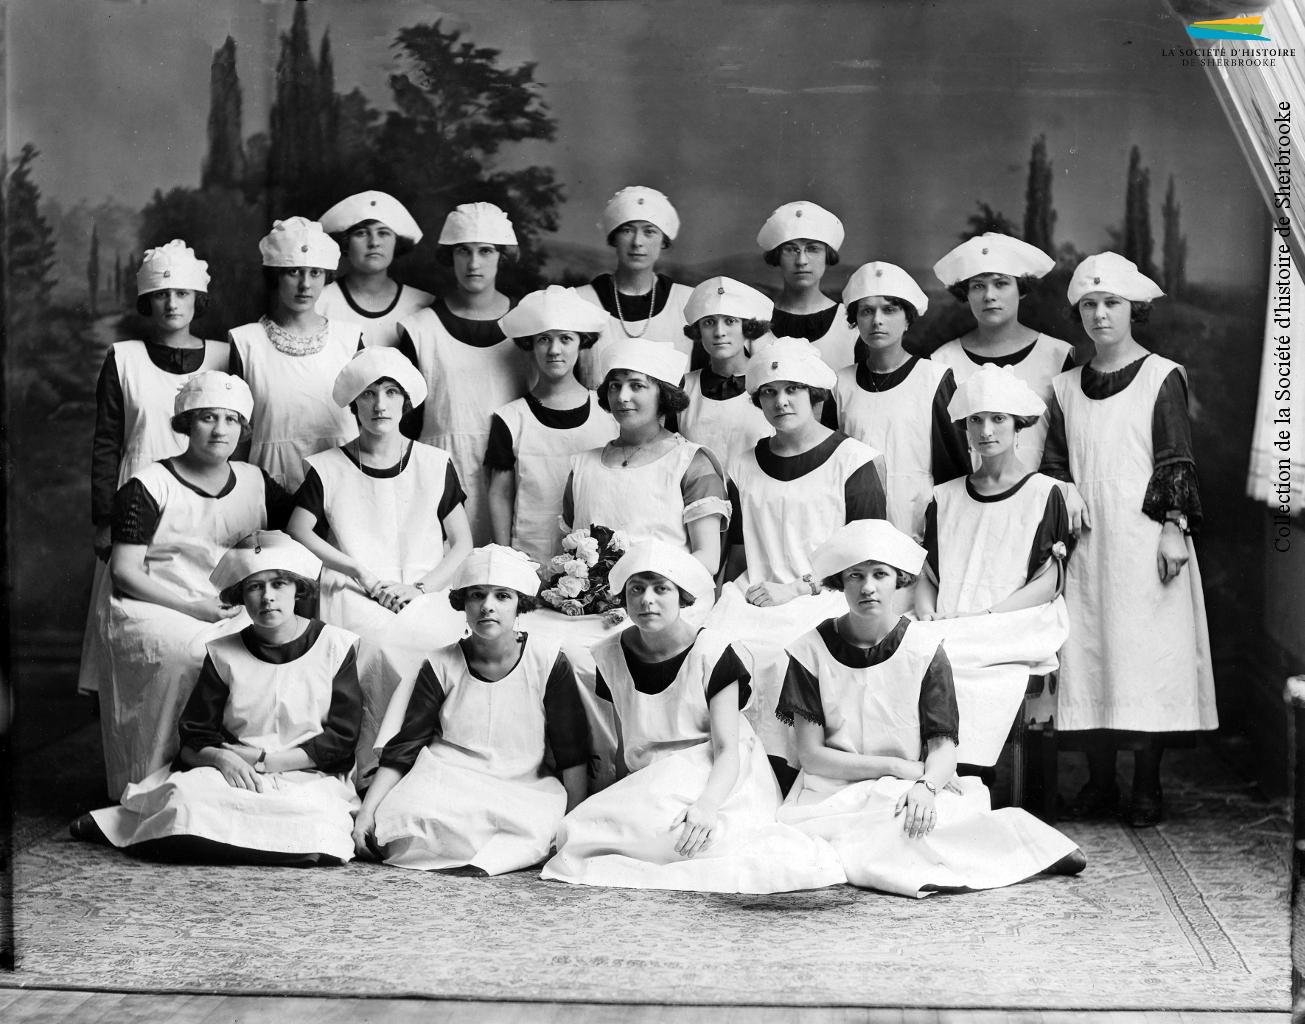 L'association professionnelle des employés de la Julius Kayser Company organise plusieurs activités pour ses membres, dont des cours culinaires. Des participantes à ce cours prennent la pose, vers 1925.